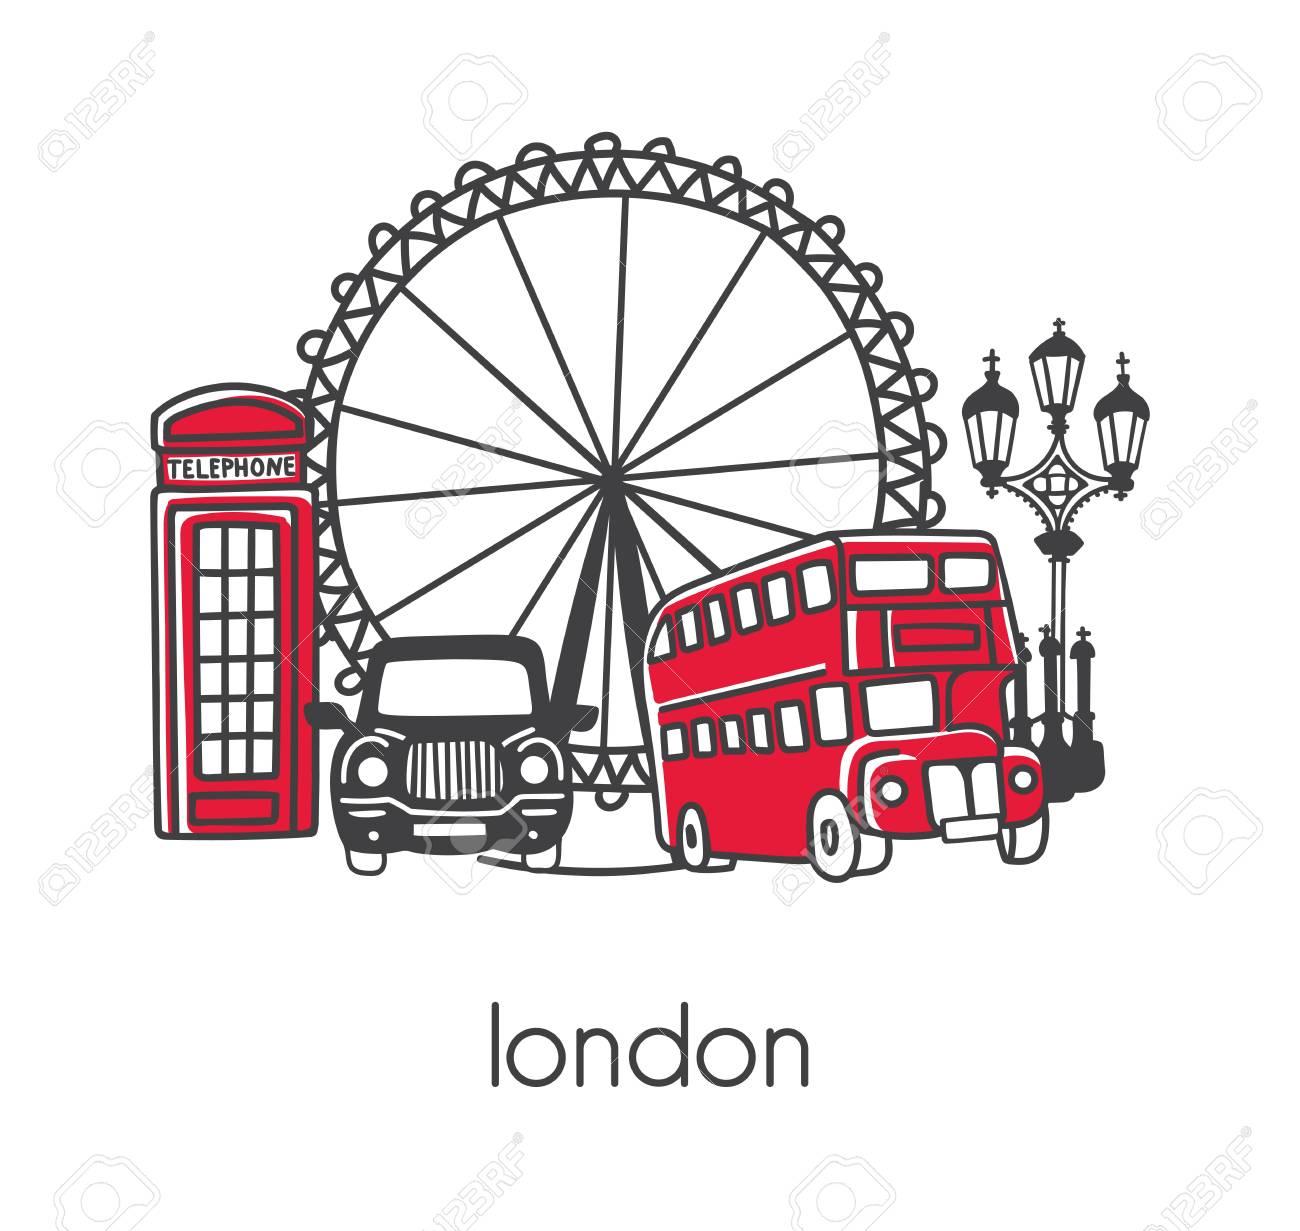 Illustration Vectorielle Moderne Londres Avec Symboles Anglais Doodle Dessinés à La Main Bus à Impériale Cabine Téléphonique Lampadaire Taxi